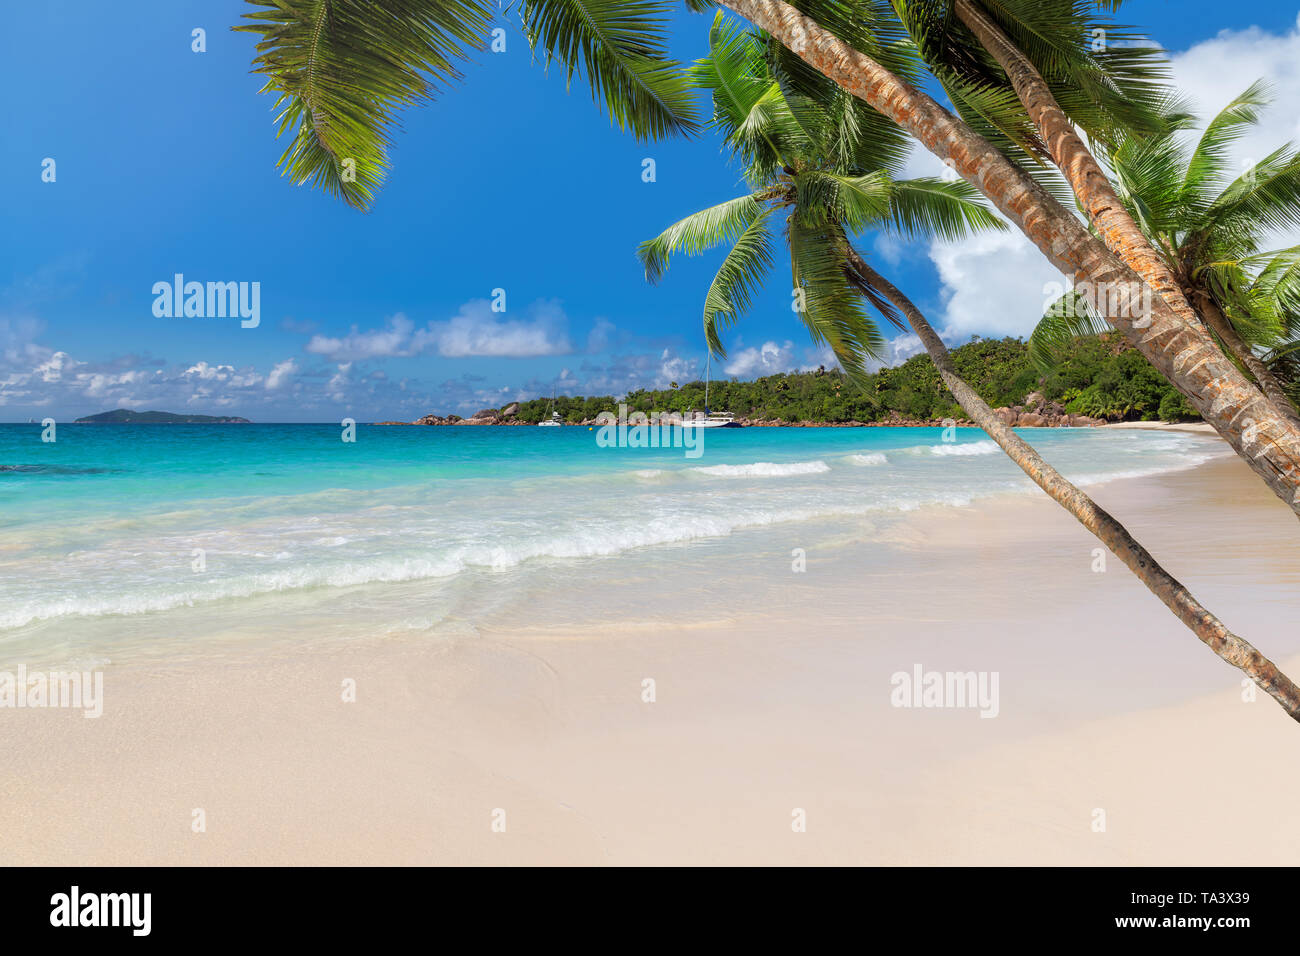 Las palmas de coco en la playa en una isla tropical. Foto de stock